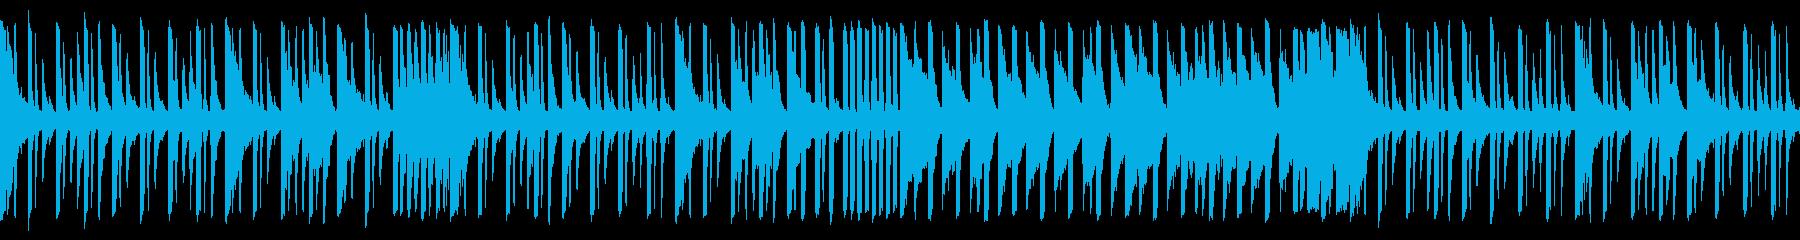 ピコピコしたコミカルなテクノの再生済みの波形